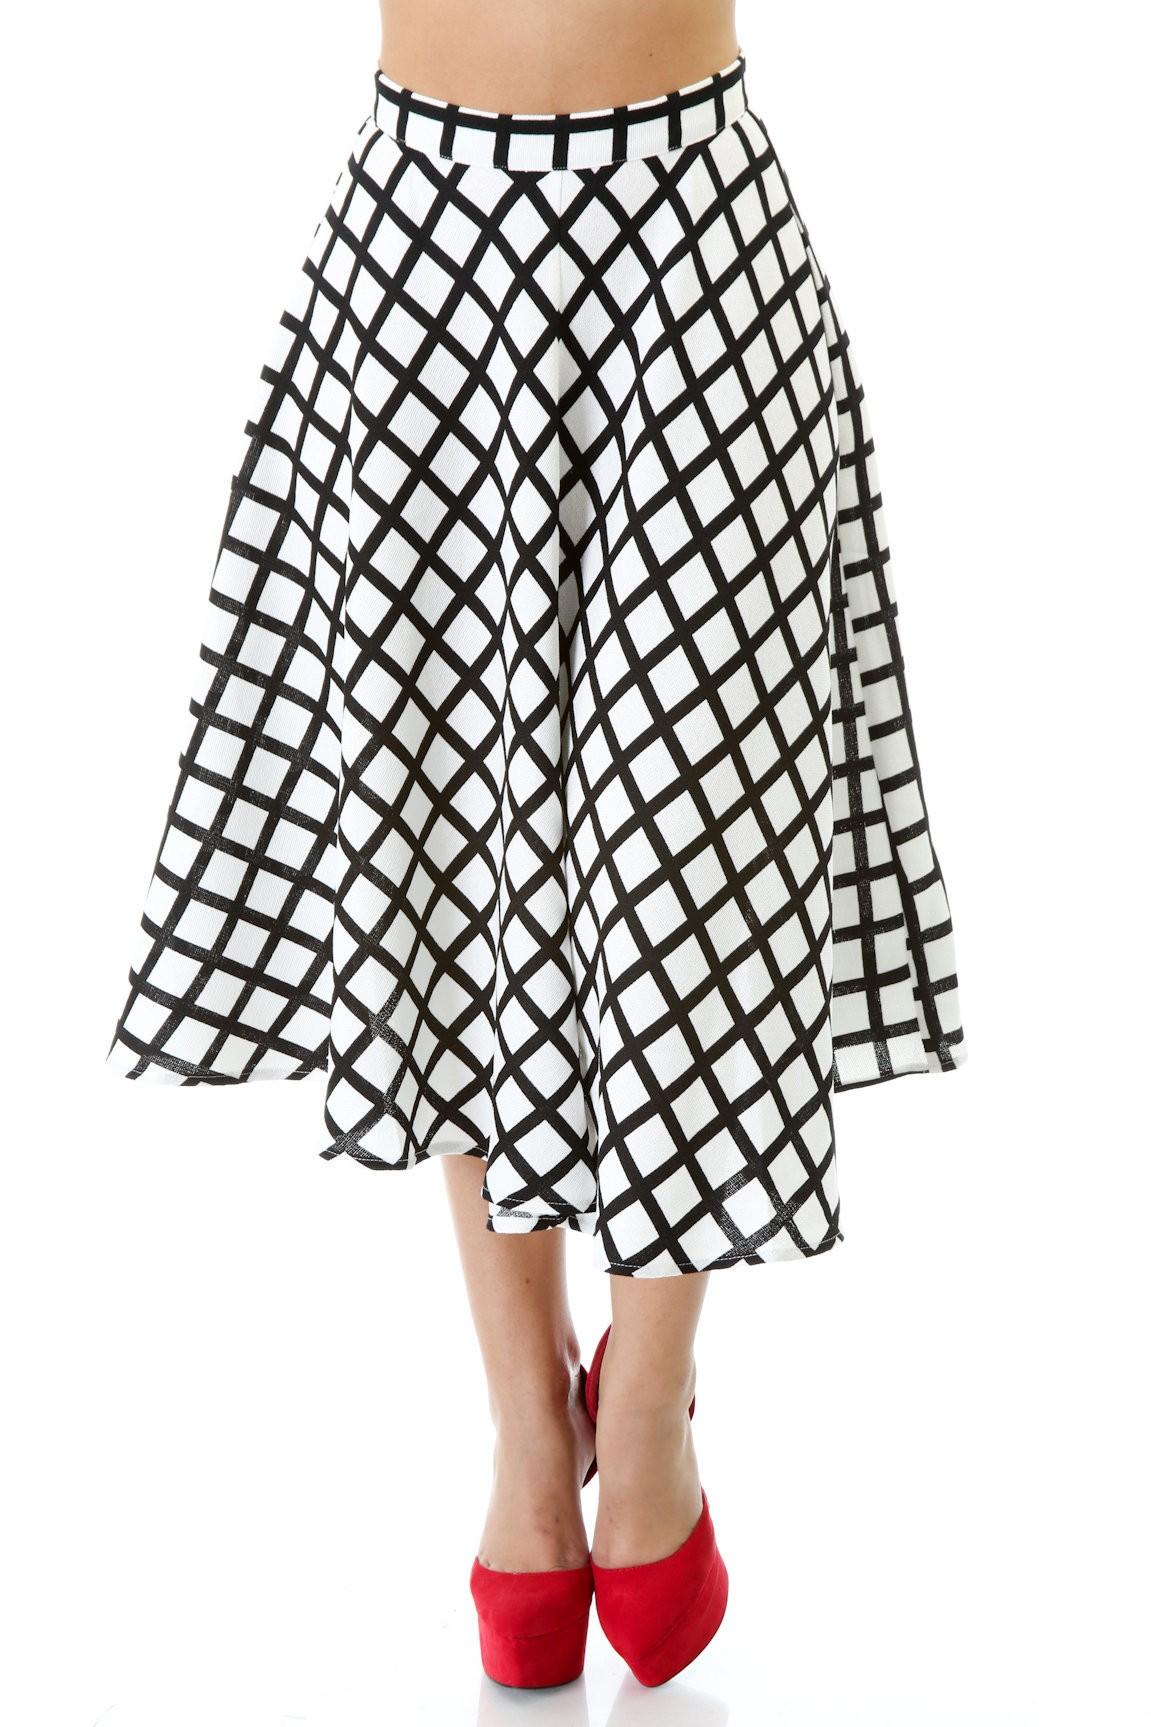 Black Chalk Skirt